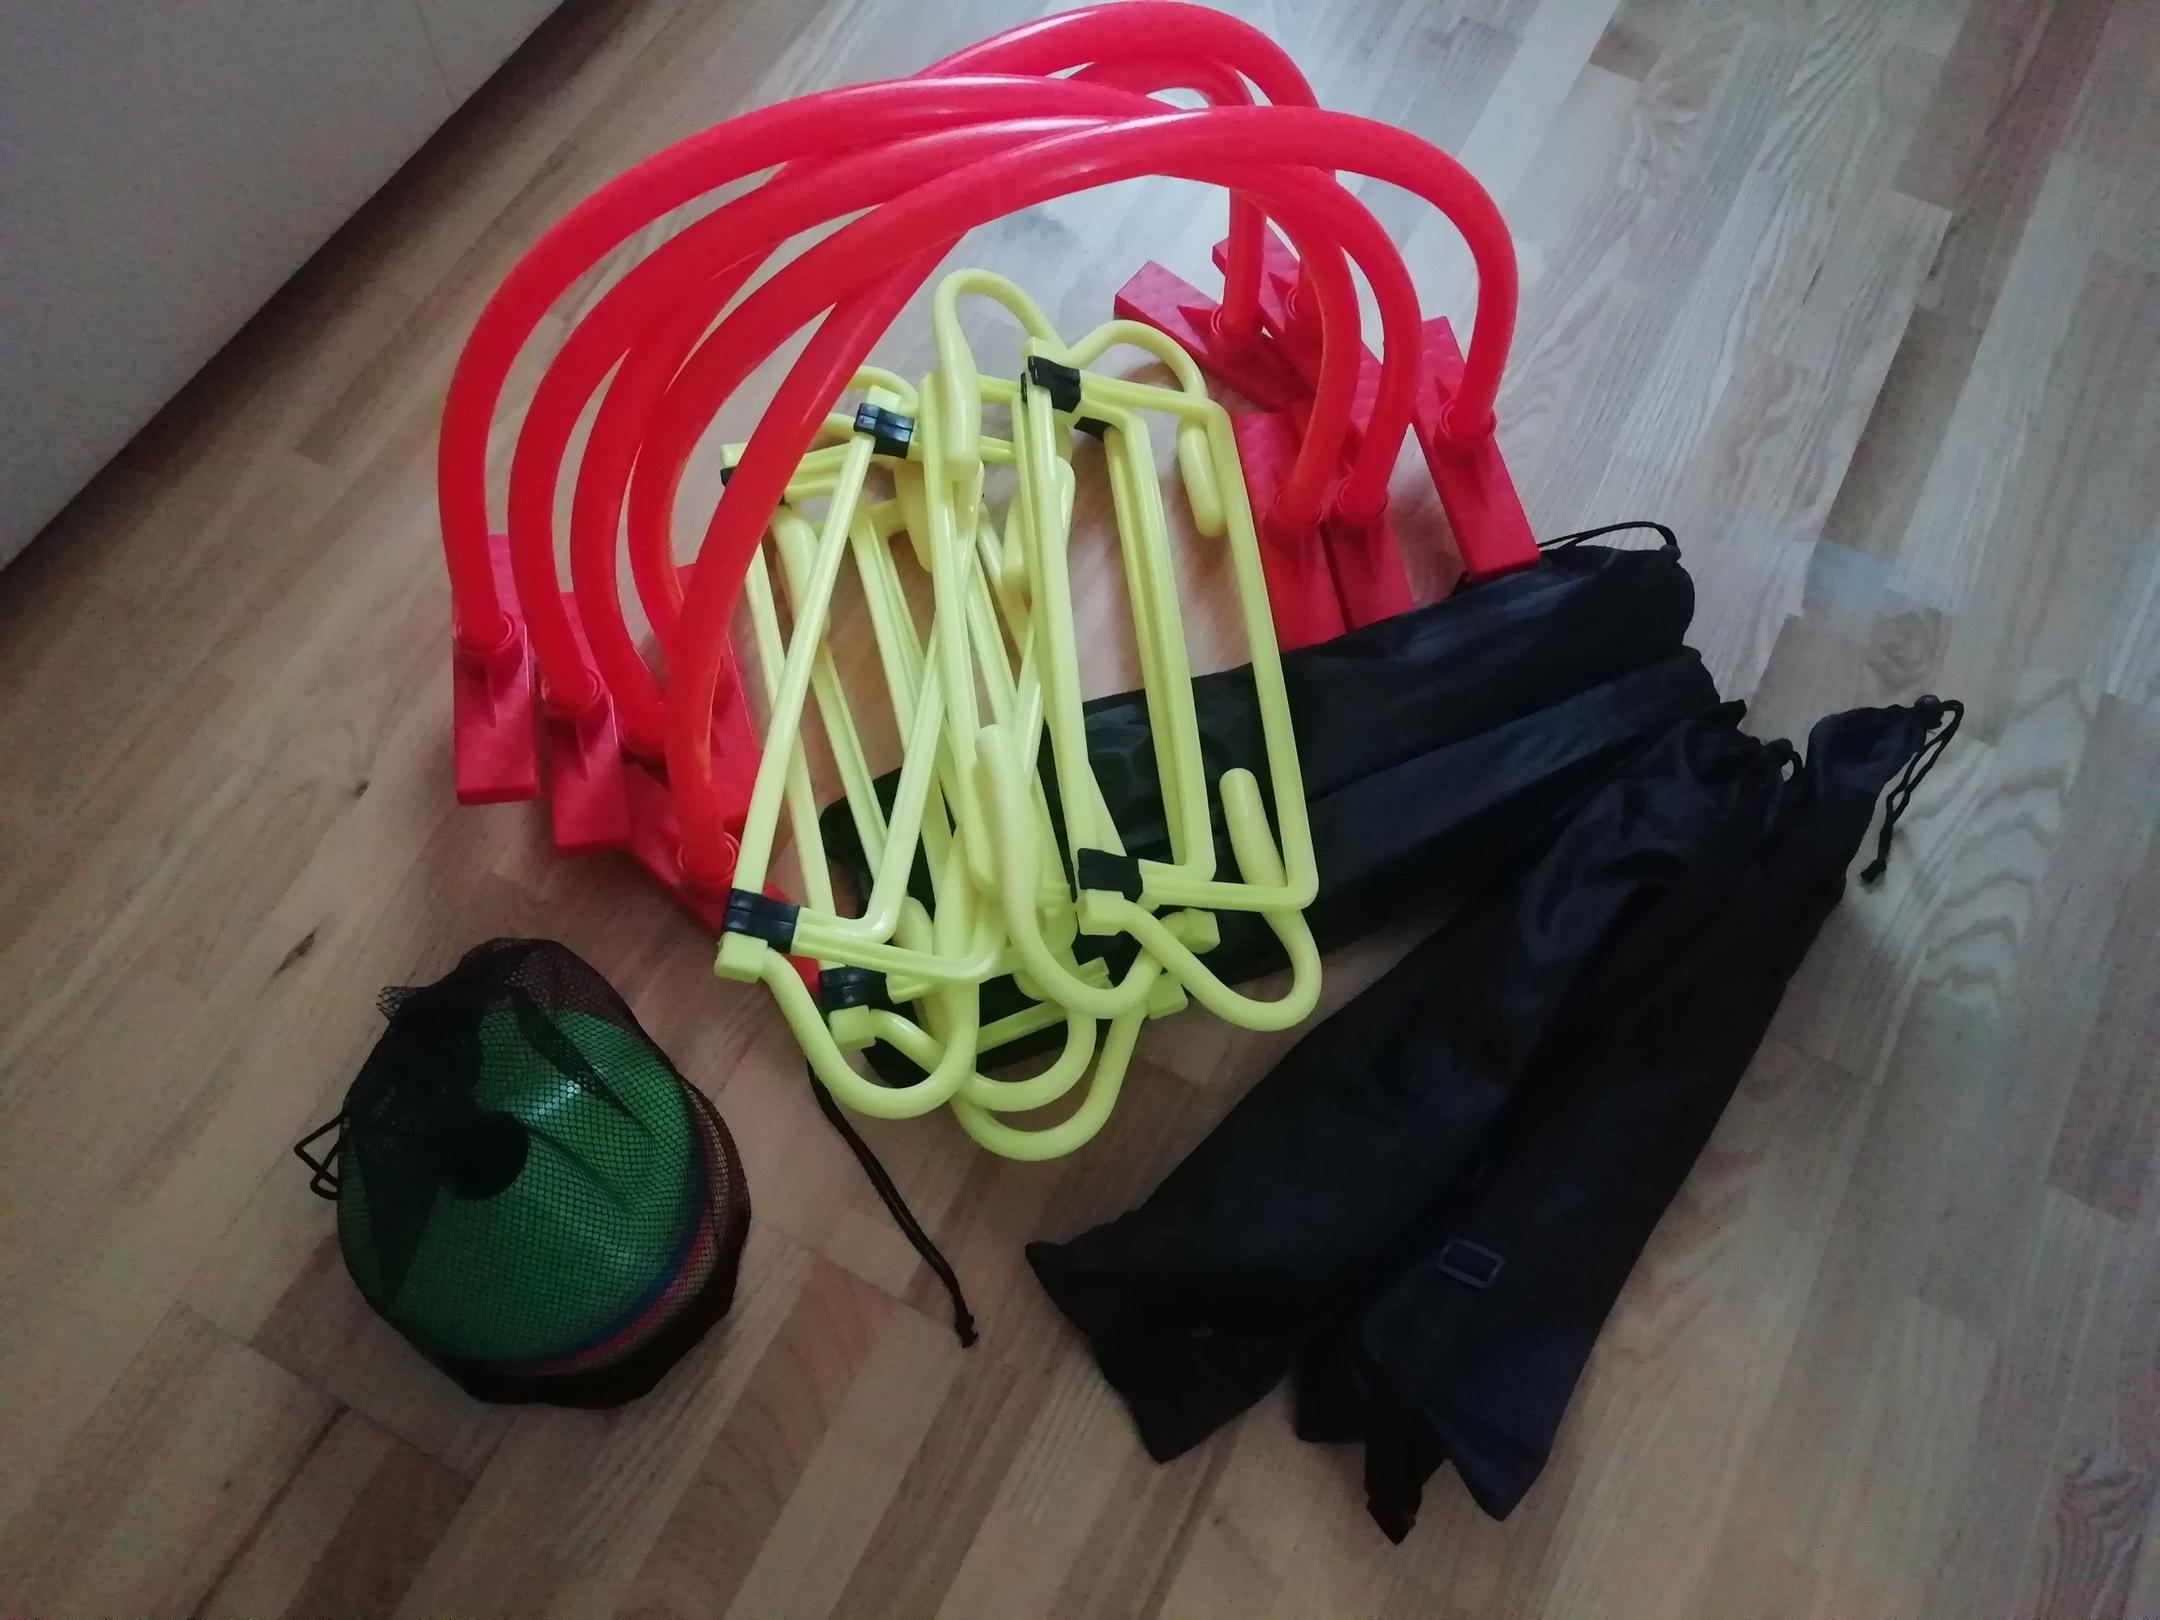 Большой выбор тренировочного инвентаря в наличии. Где купить футбольный инвентарь в Самаре?